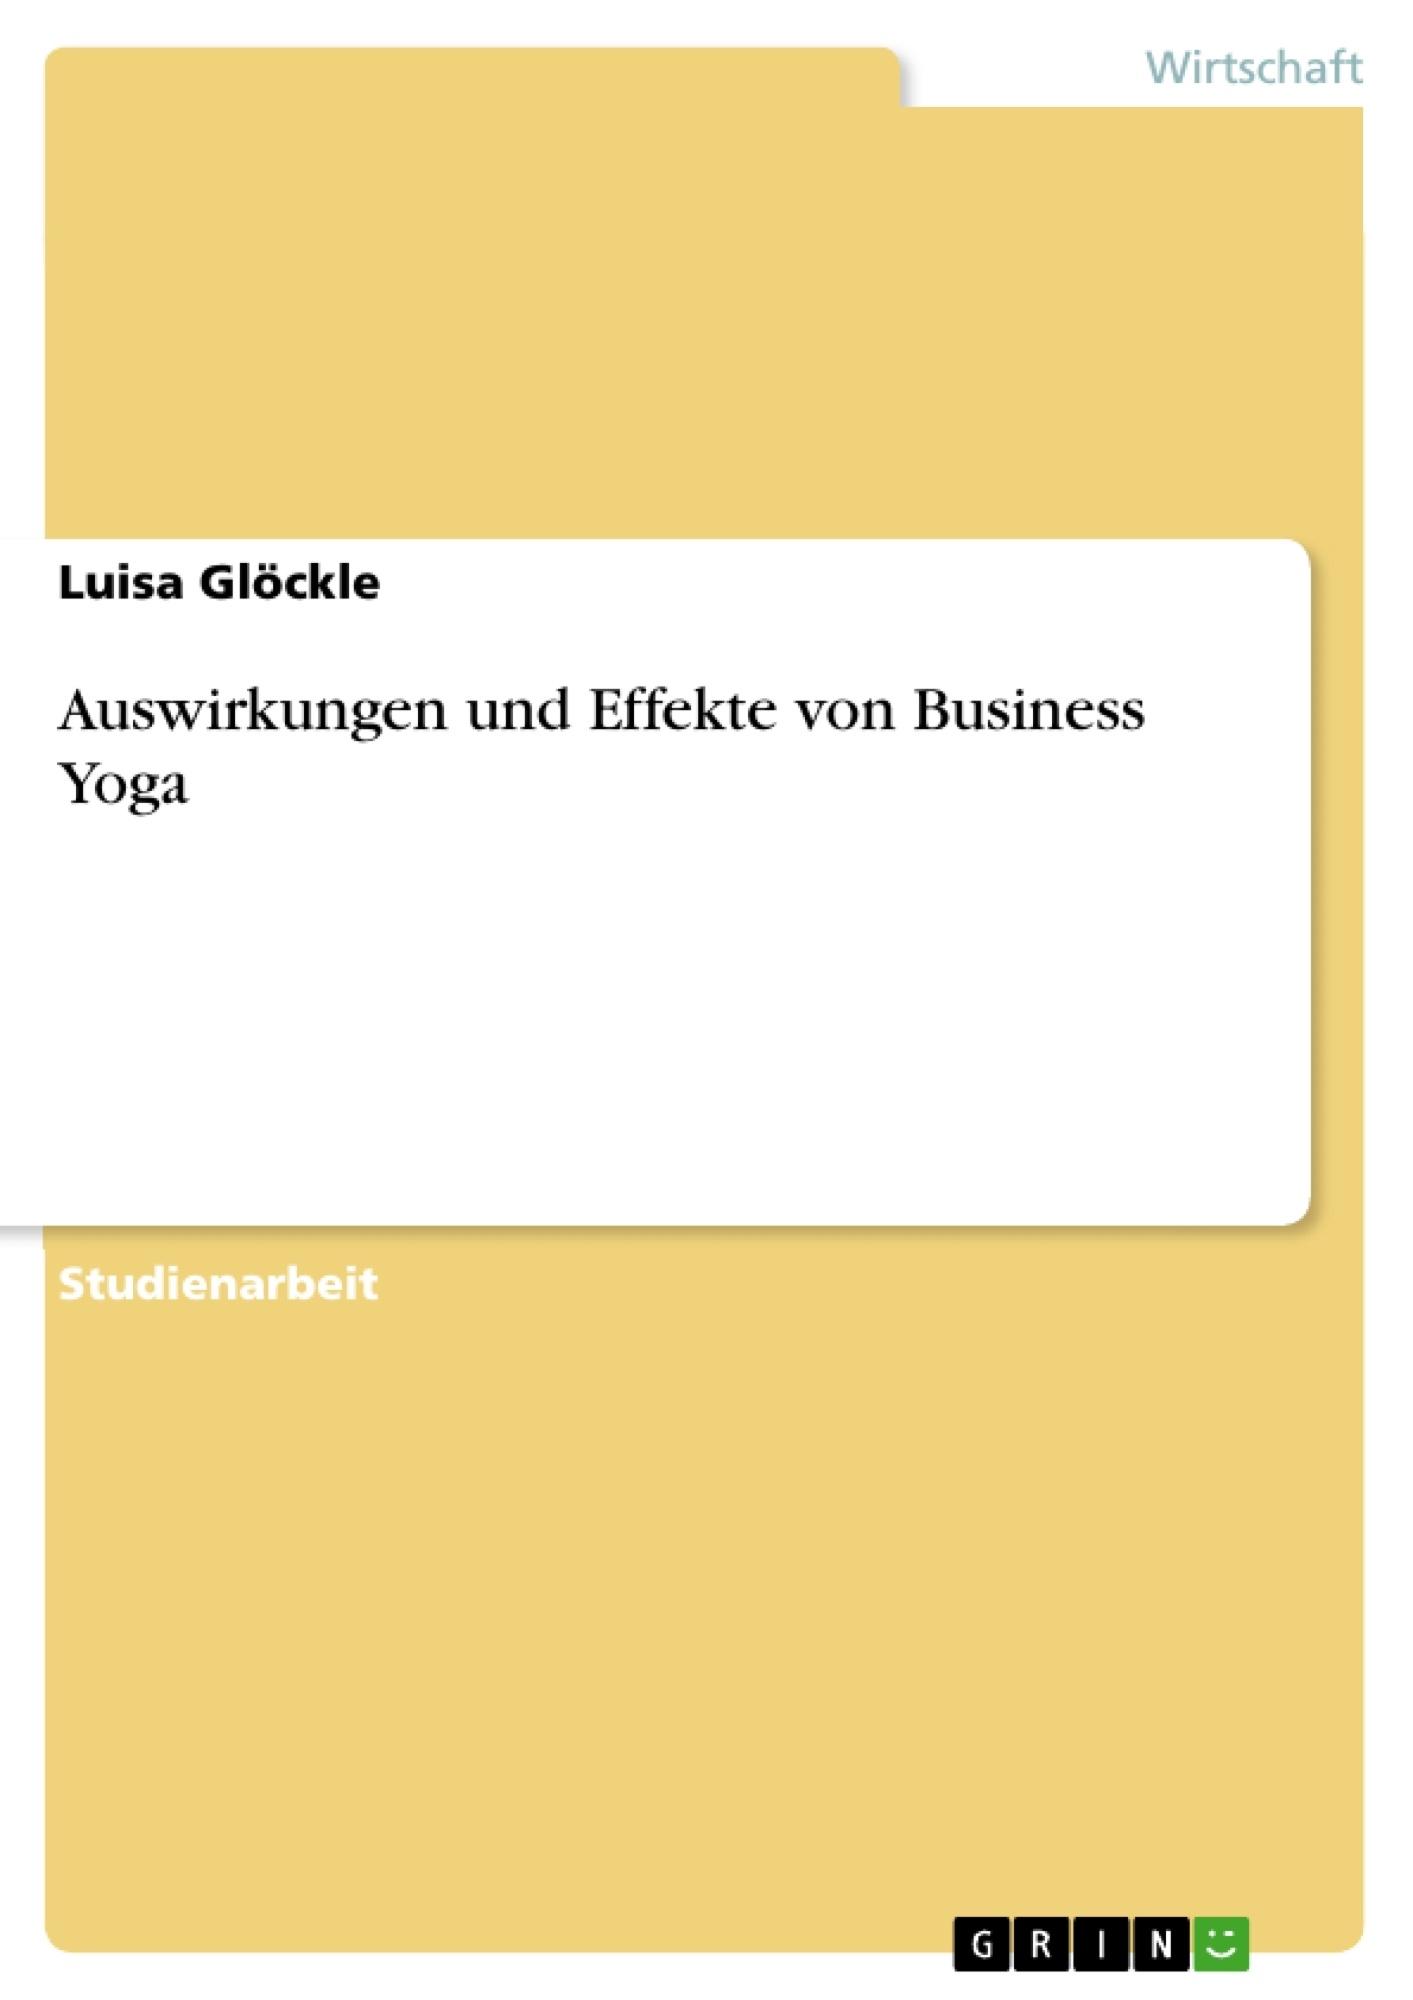 Titel: Auswirkungen und Effekte von Business Yoga